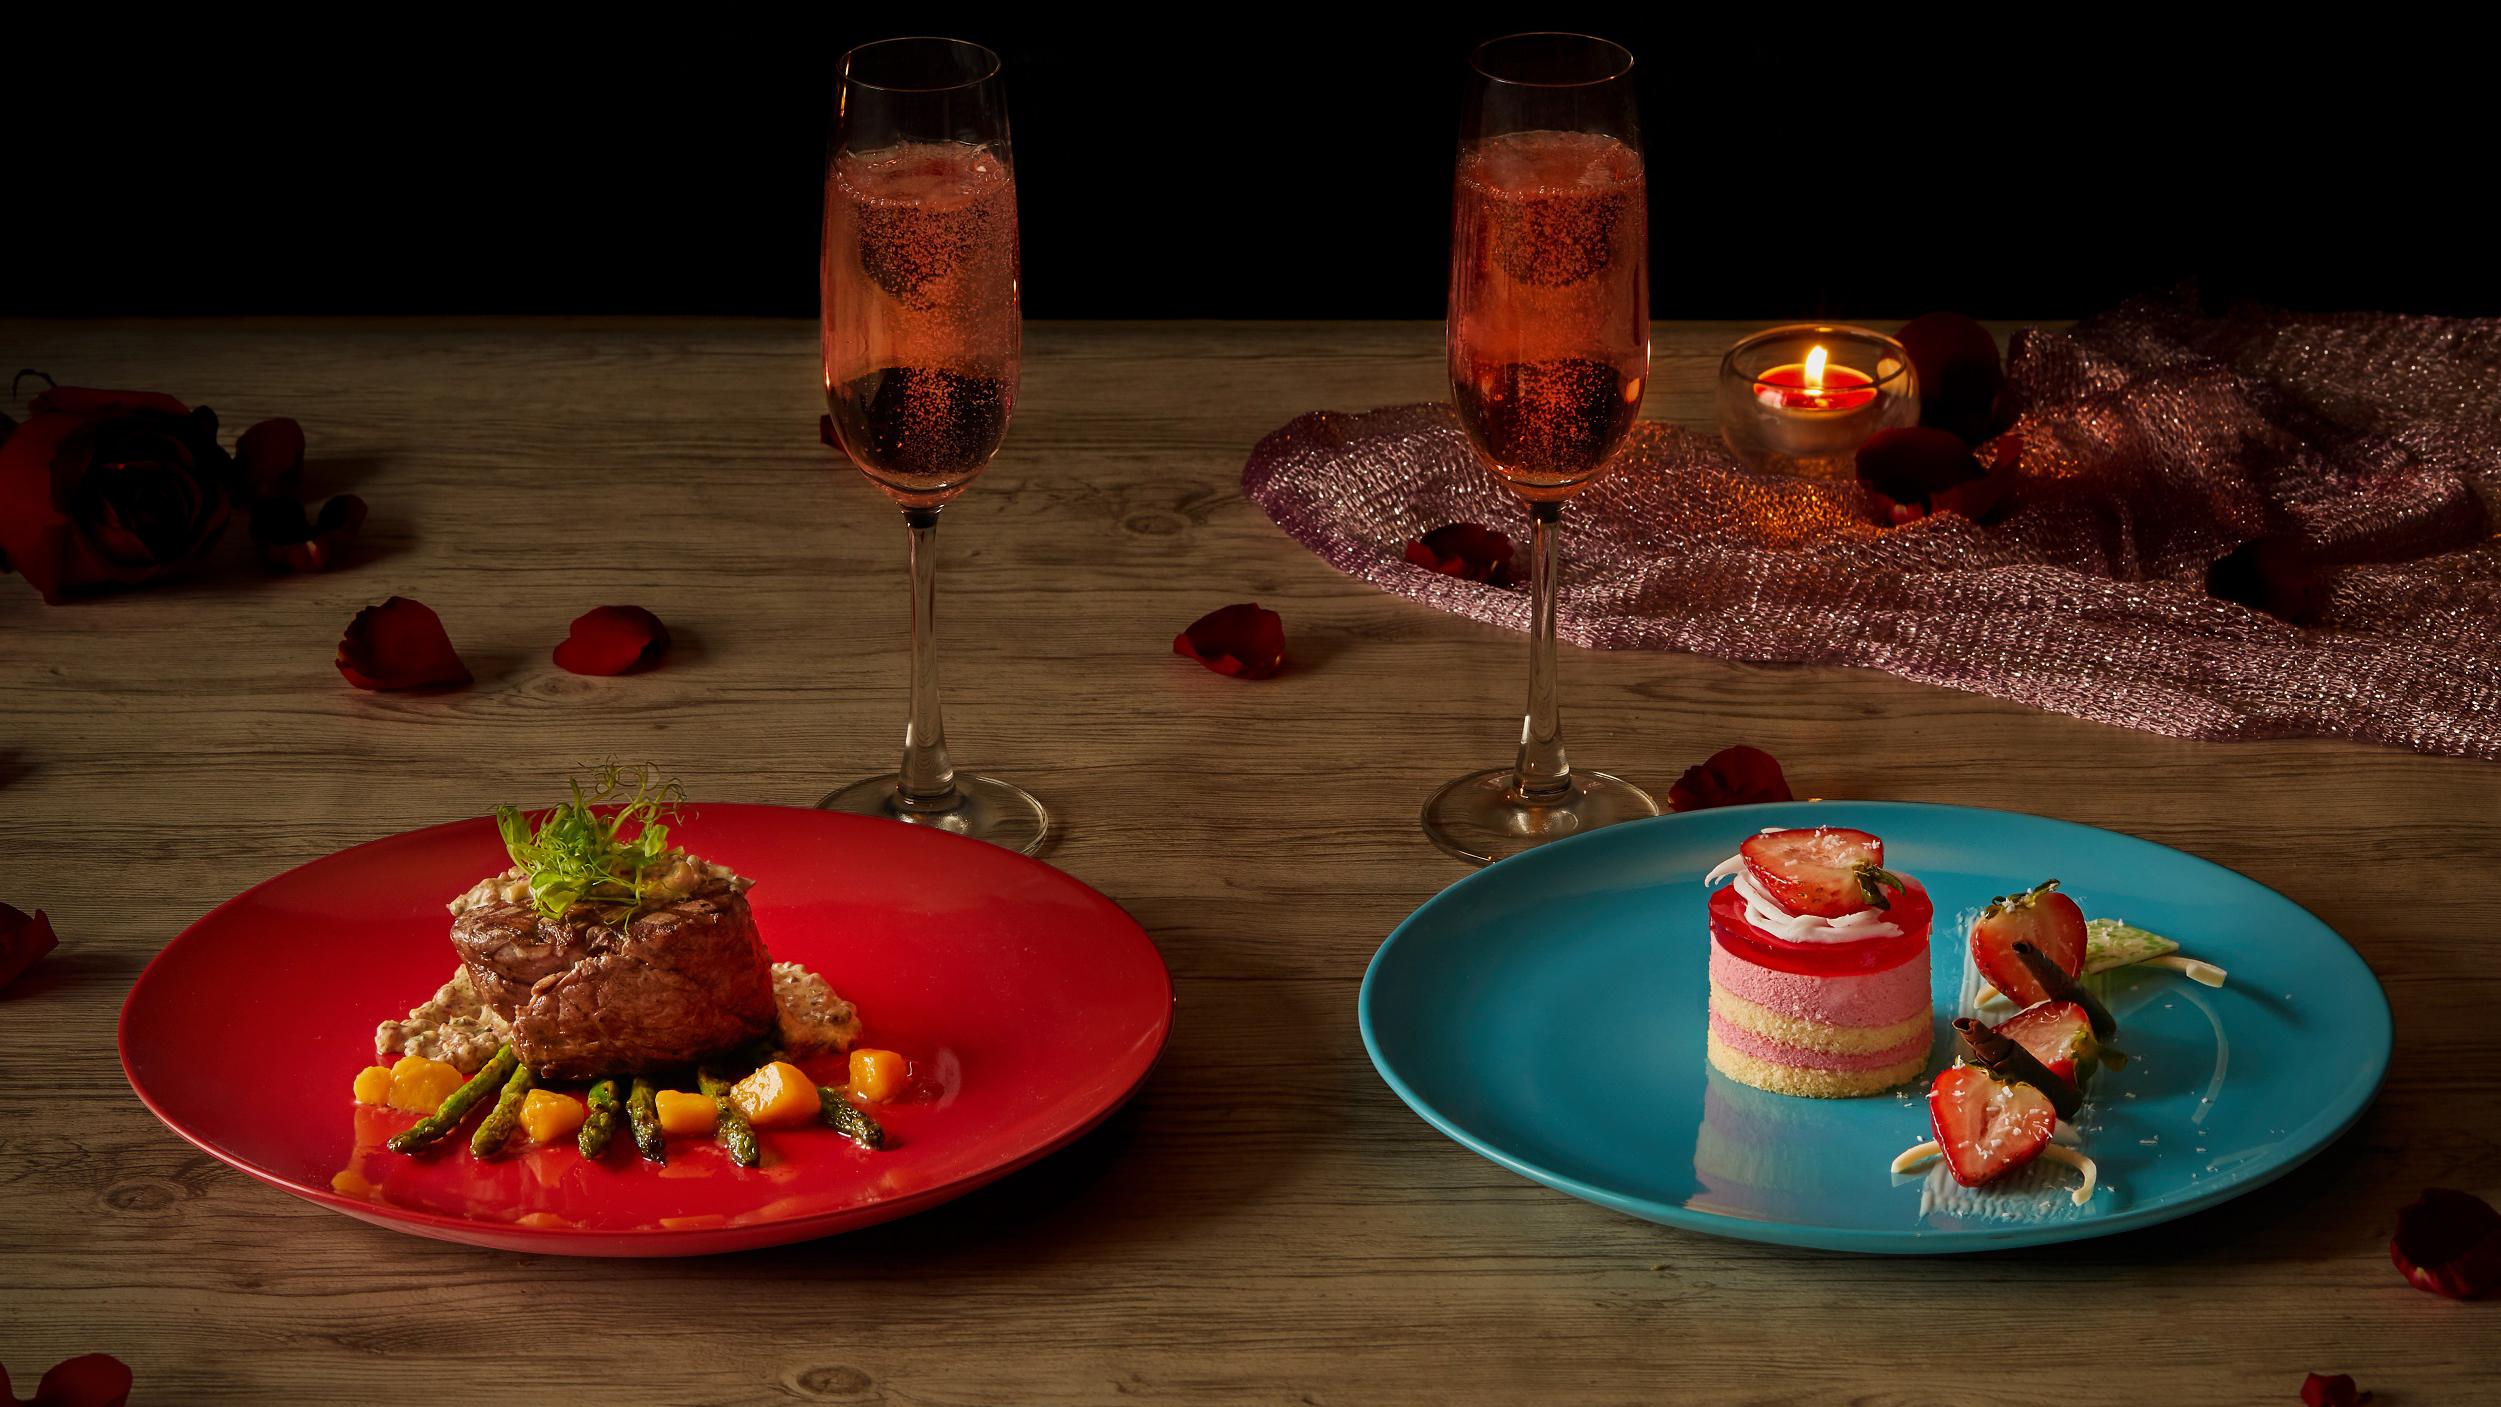 Chef Roberto S Valentine Special At Terrazza Ristorante